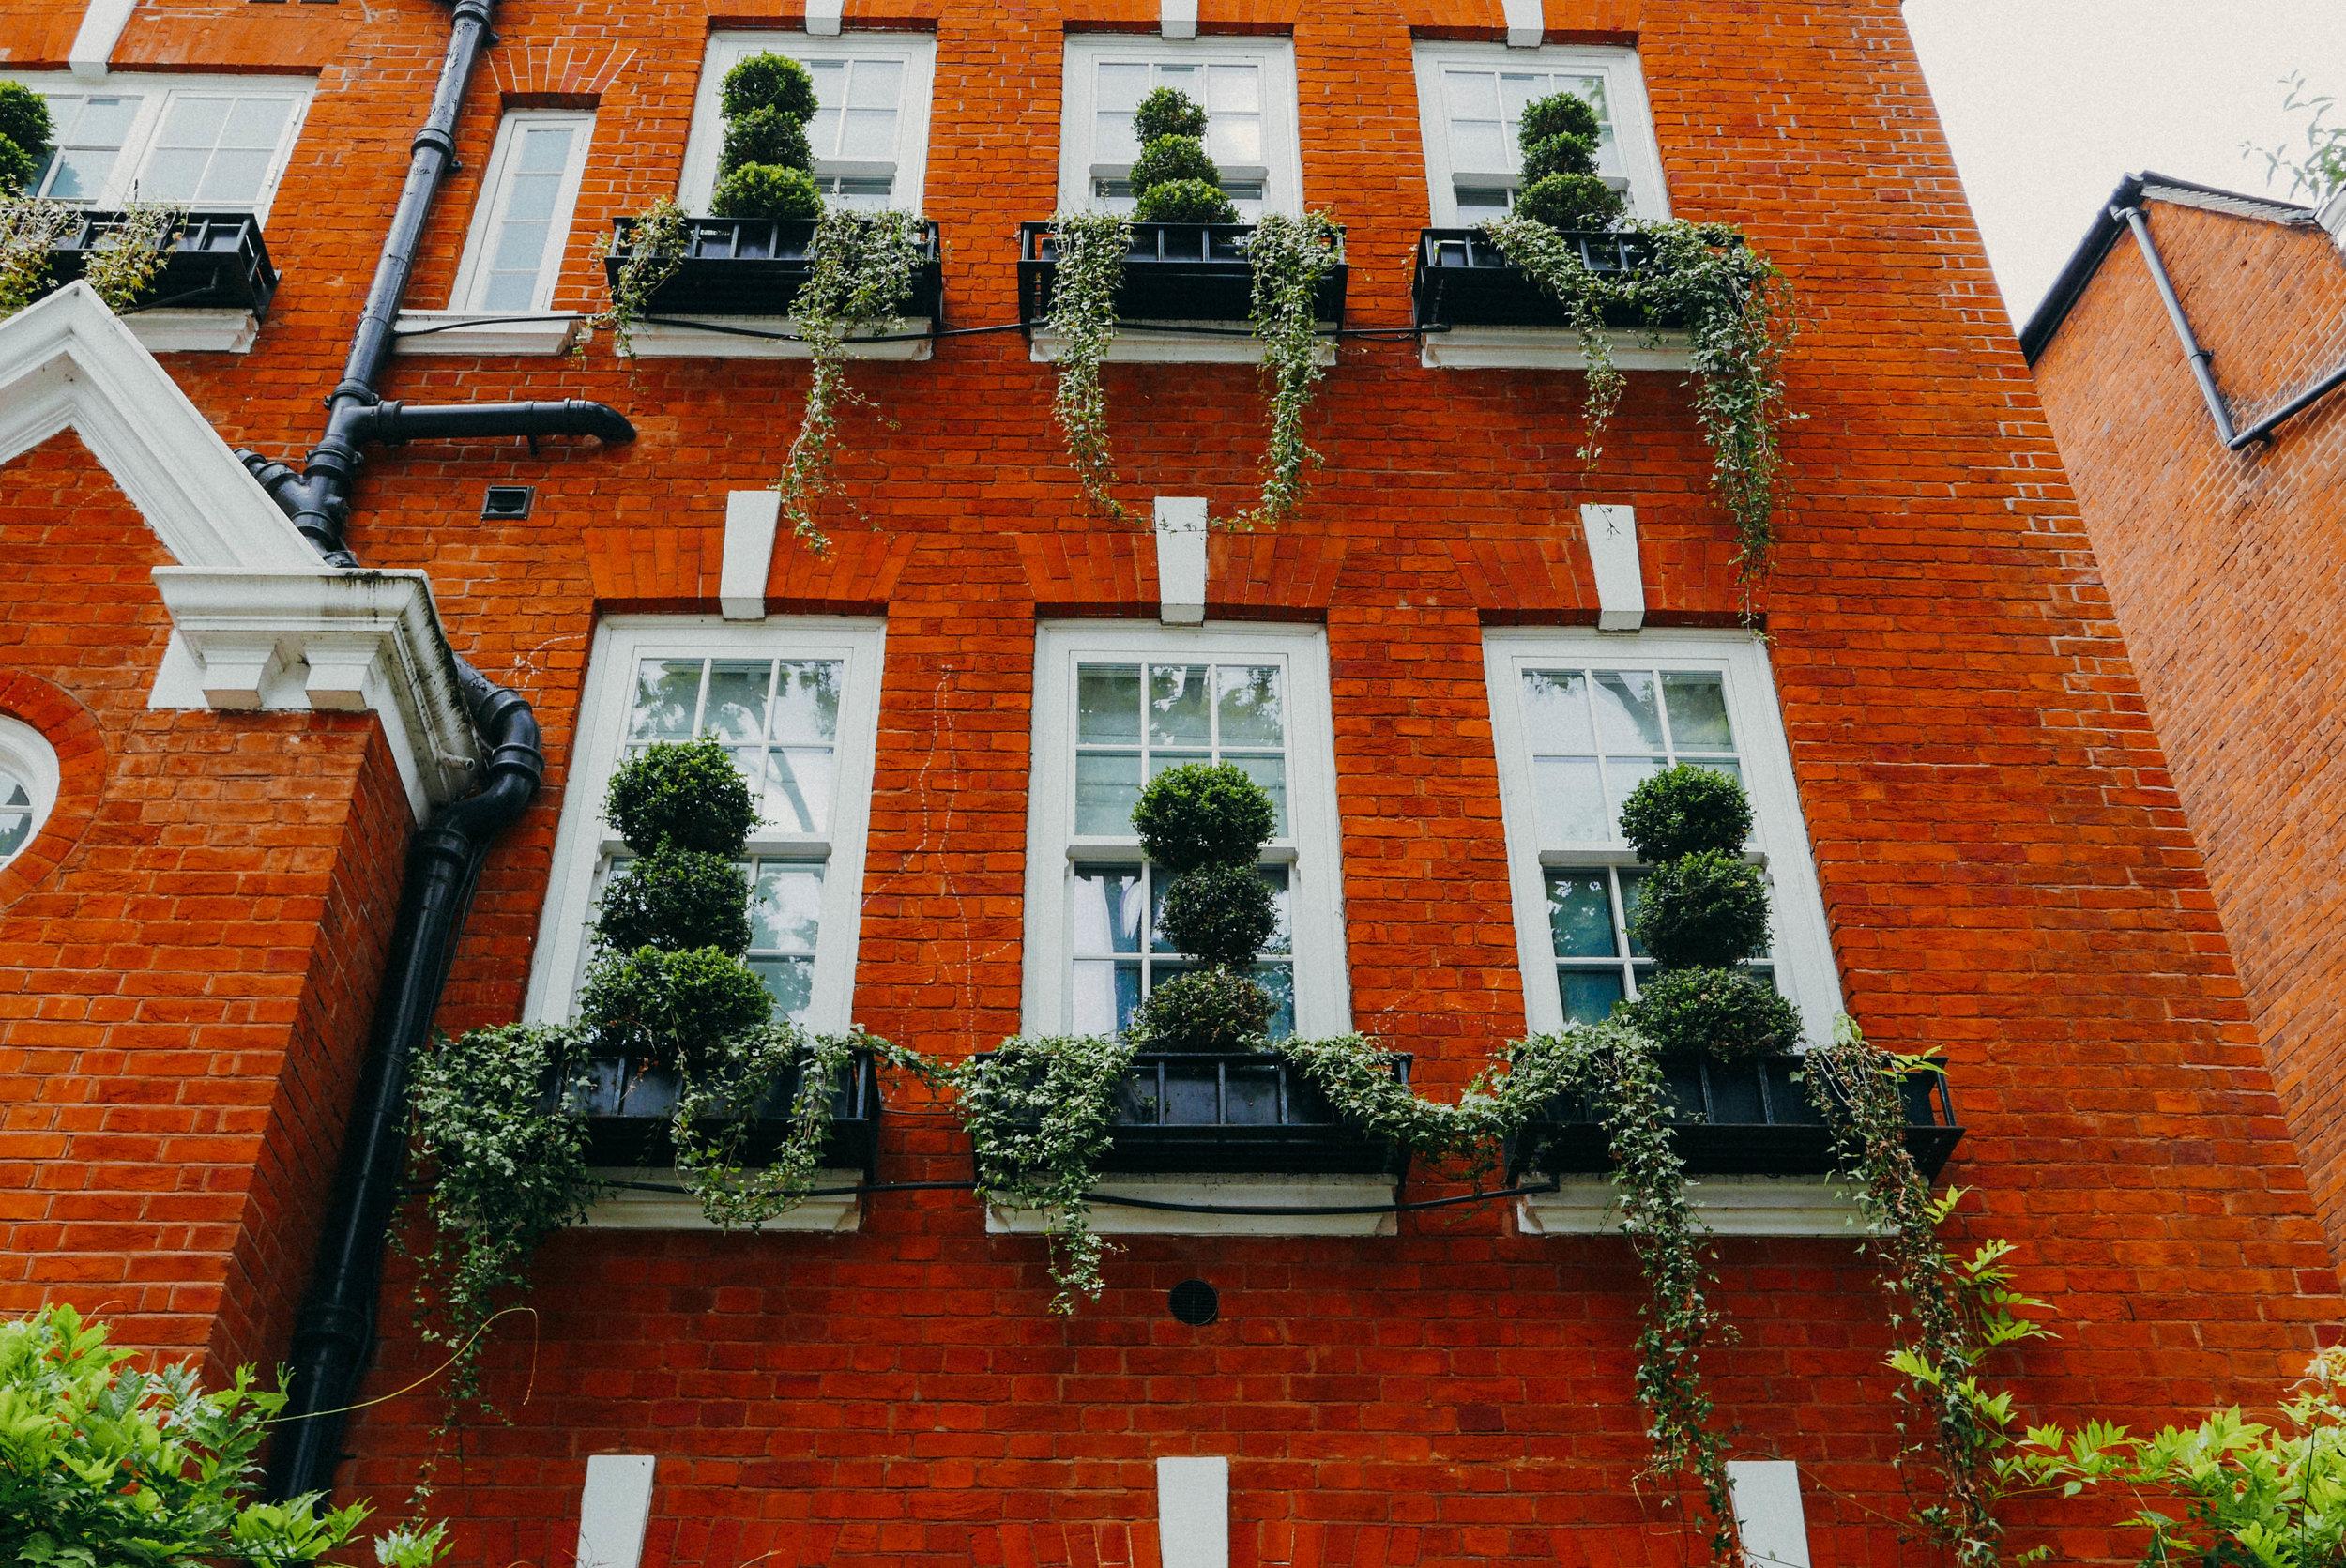 {Maaajor windowsill envy!}